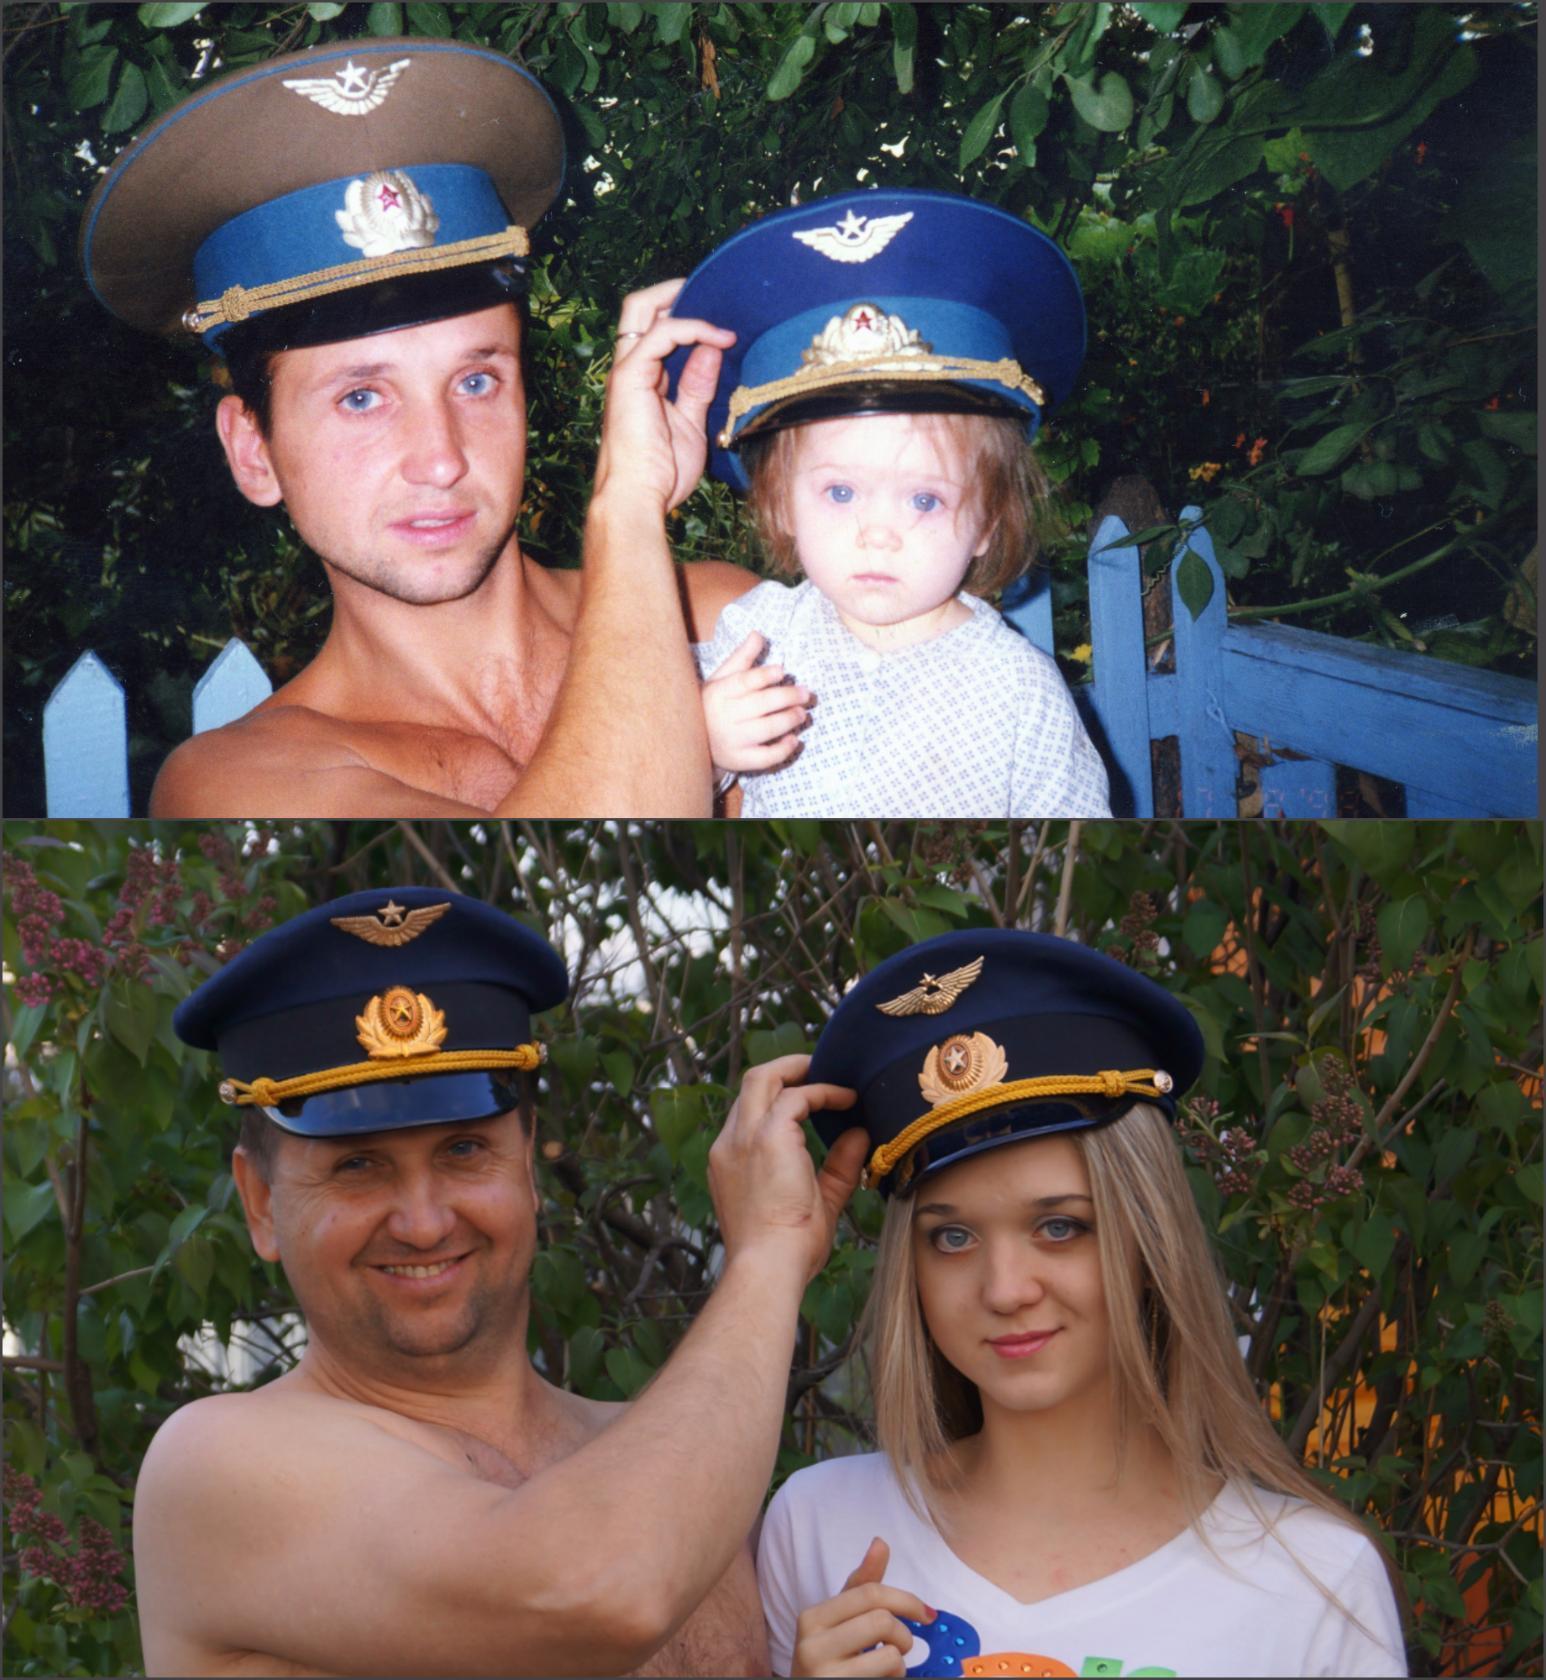 Фото голых девушек фото 18 лет 10 фотография